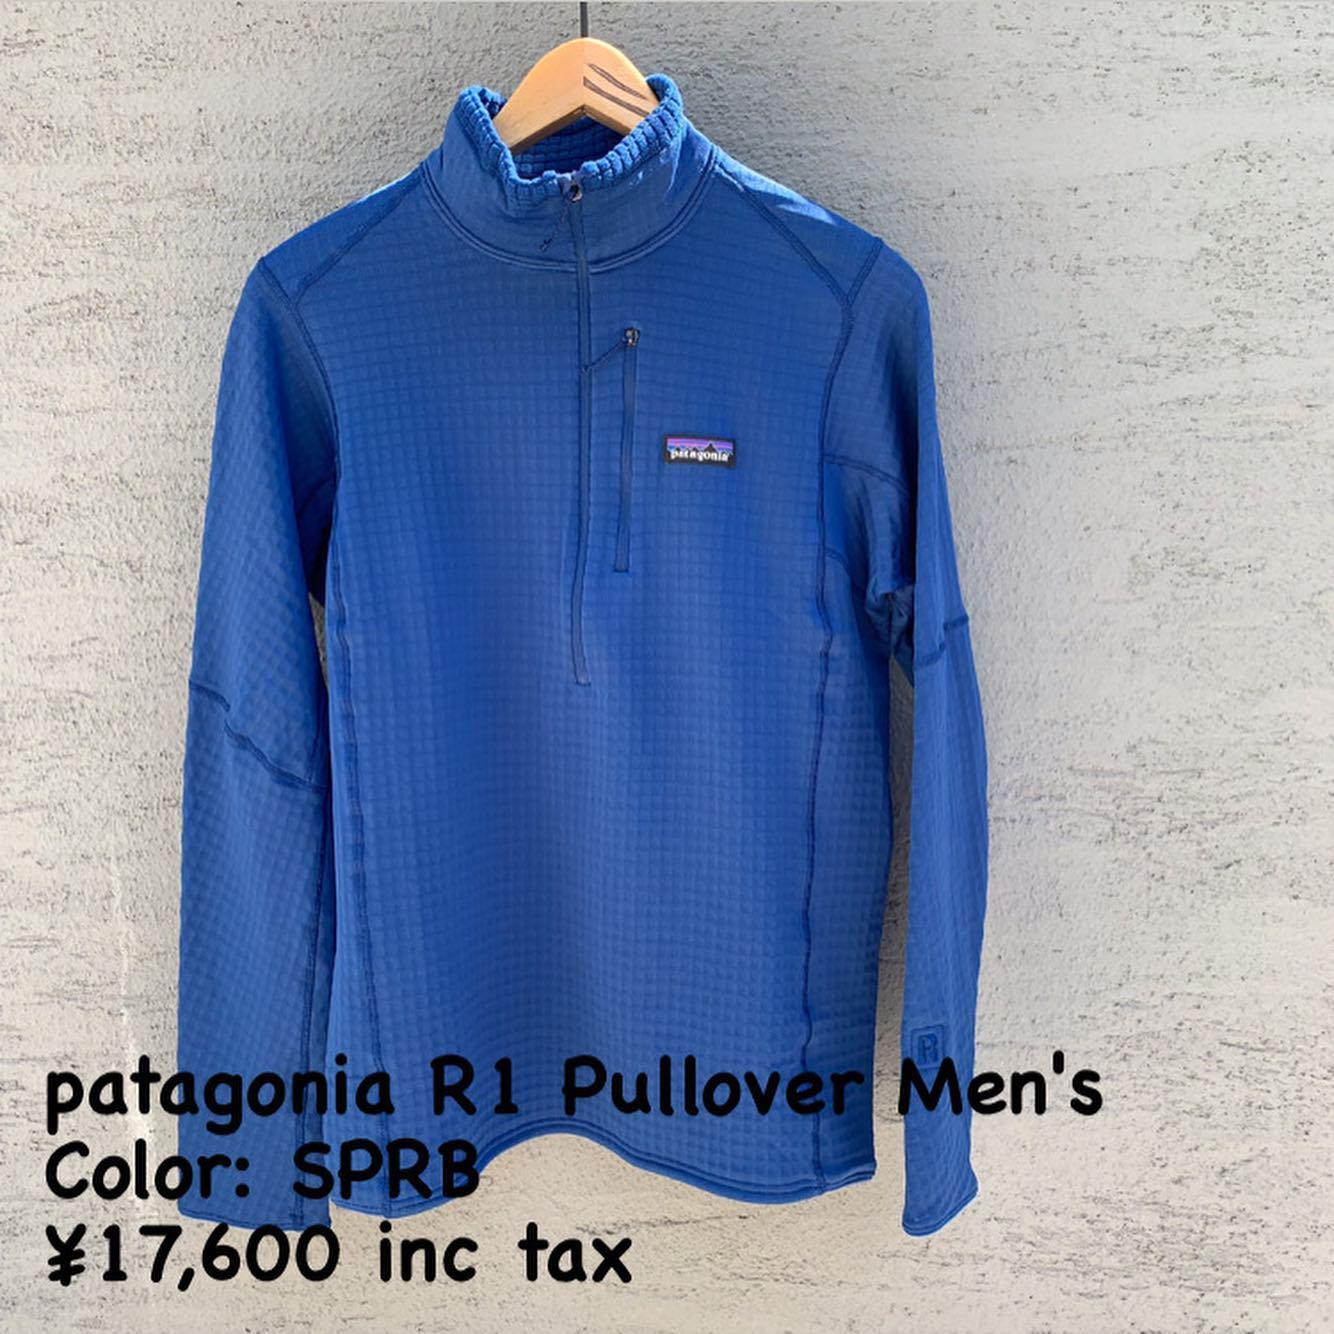 私のお気に入りの製品のひとつ『patagonia R1 プルオーバー メンズ』のご紹介